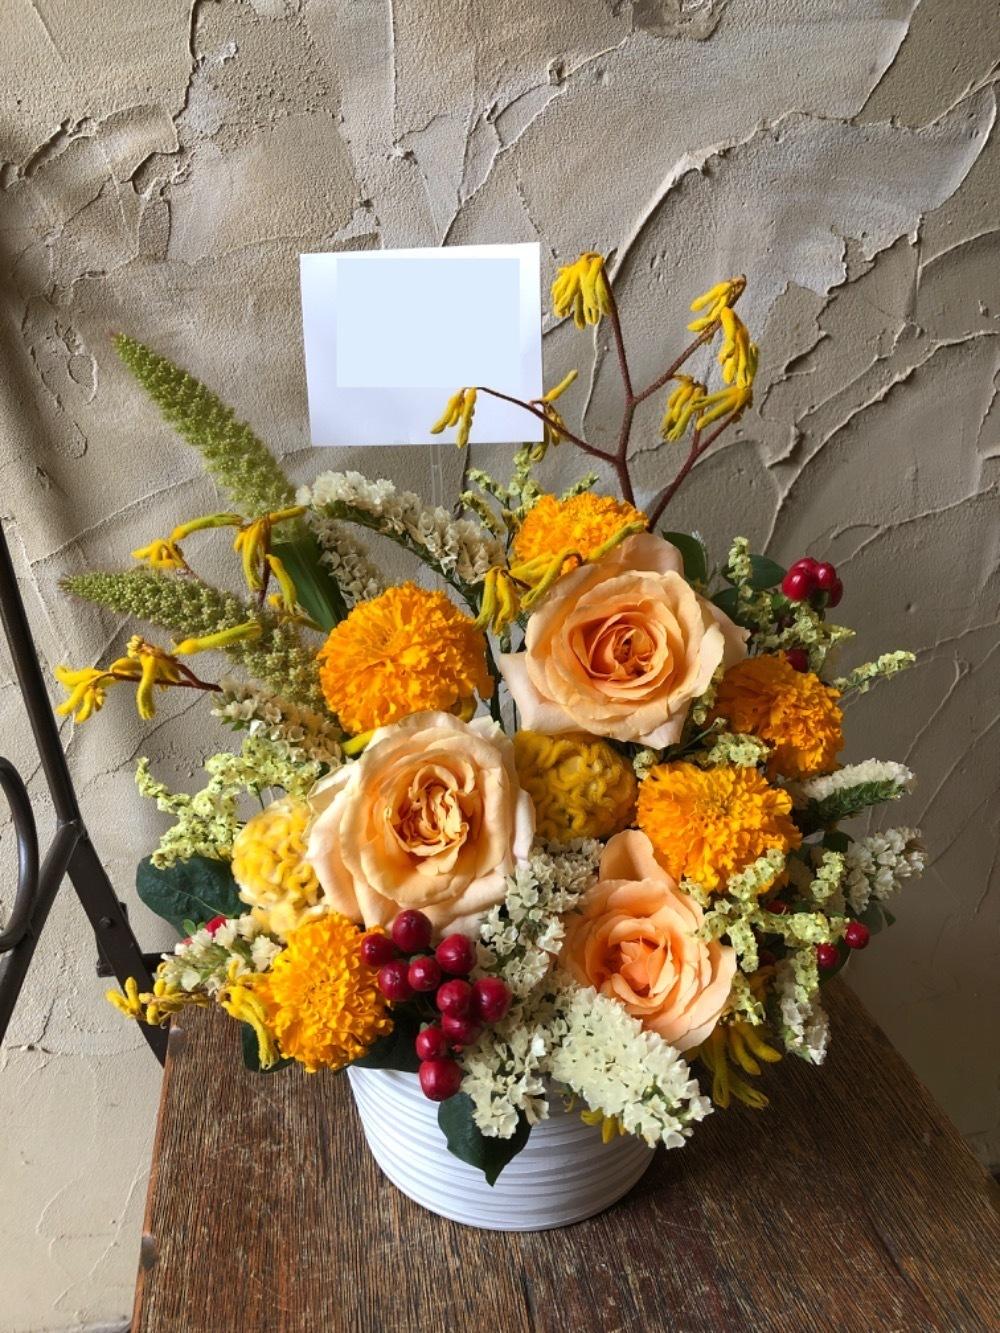 「春に似合うデザインで」オレンジの美しい移転祝い花